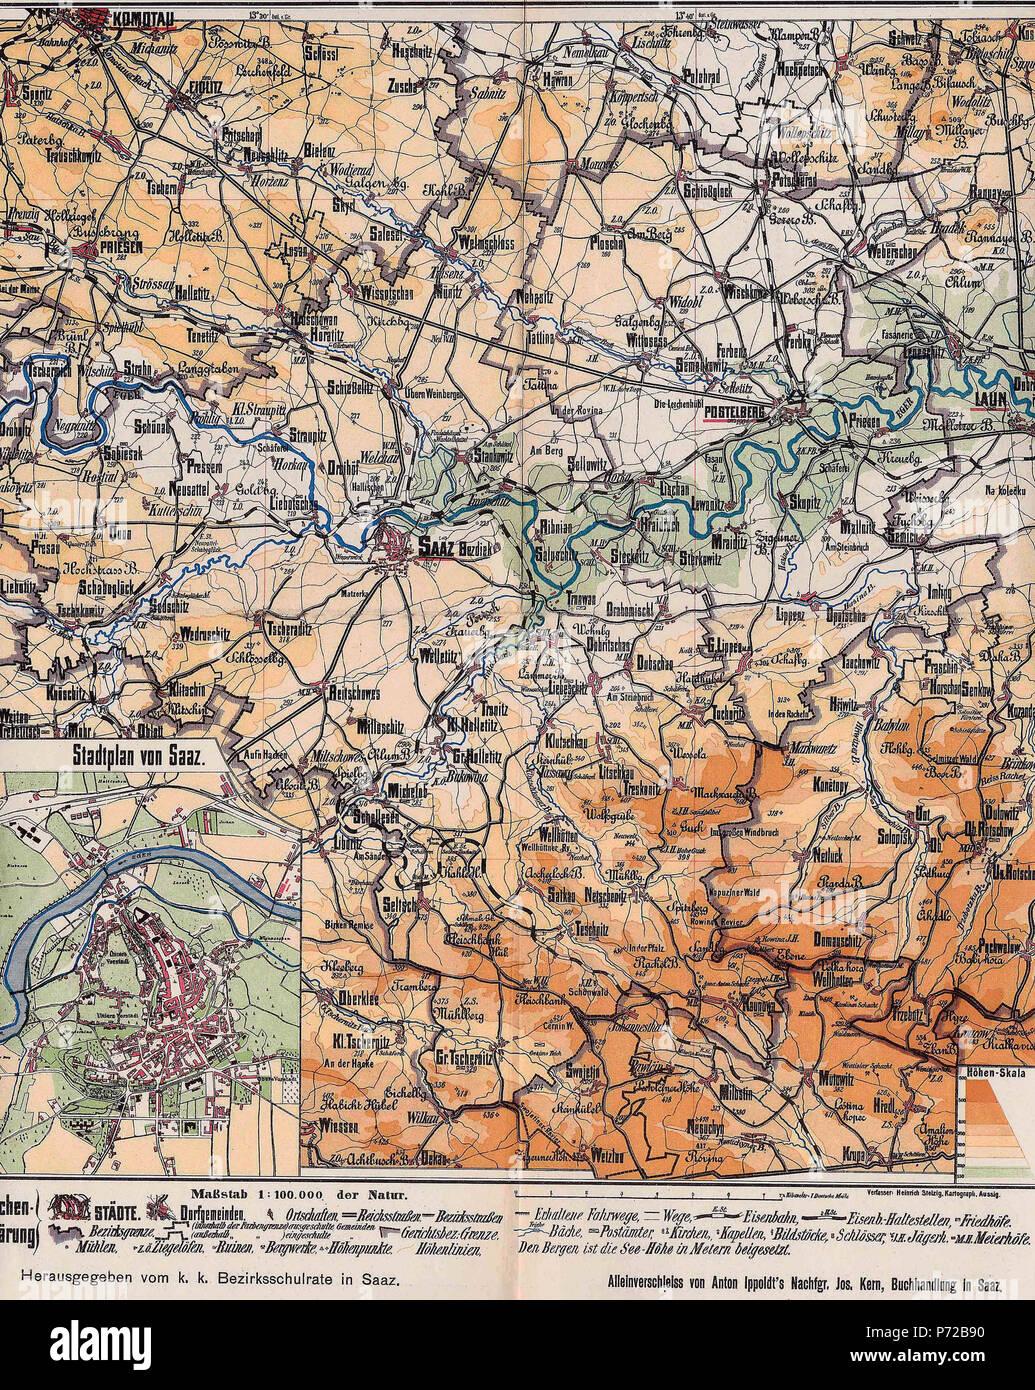 Landkarte Deutsch.Deutsch Landkarte Des Bezirks Saaz Um 1900 Aus Karl